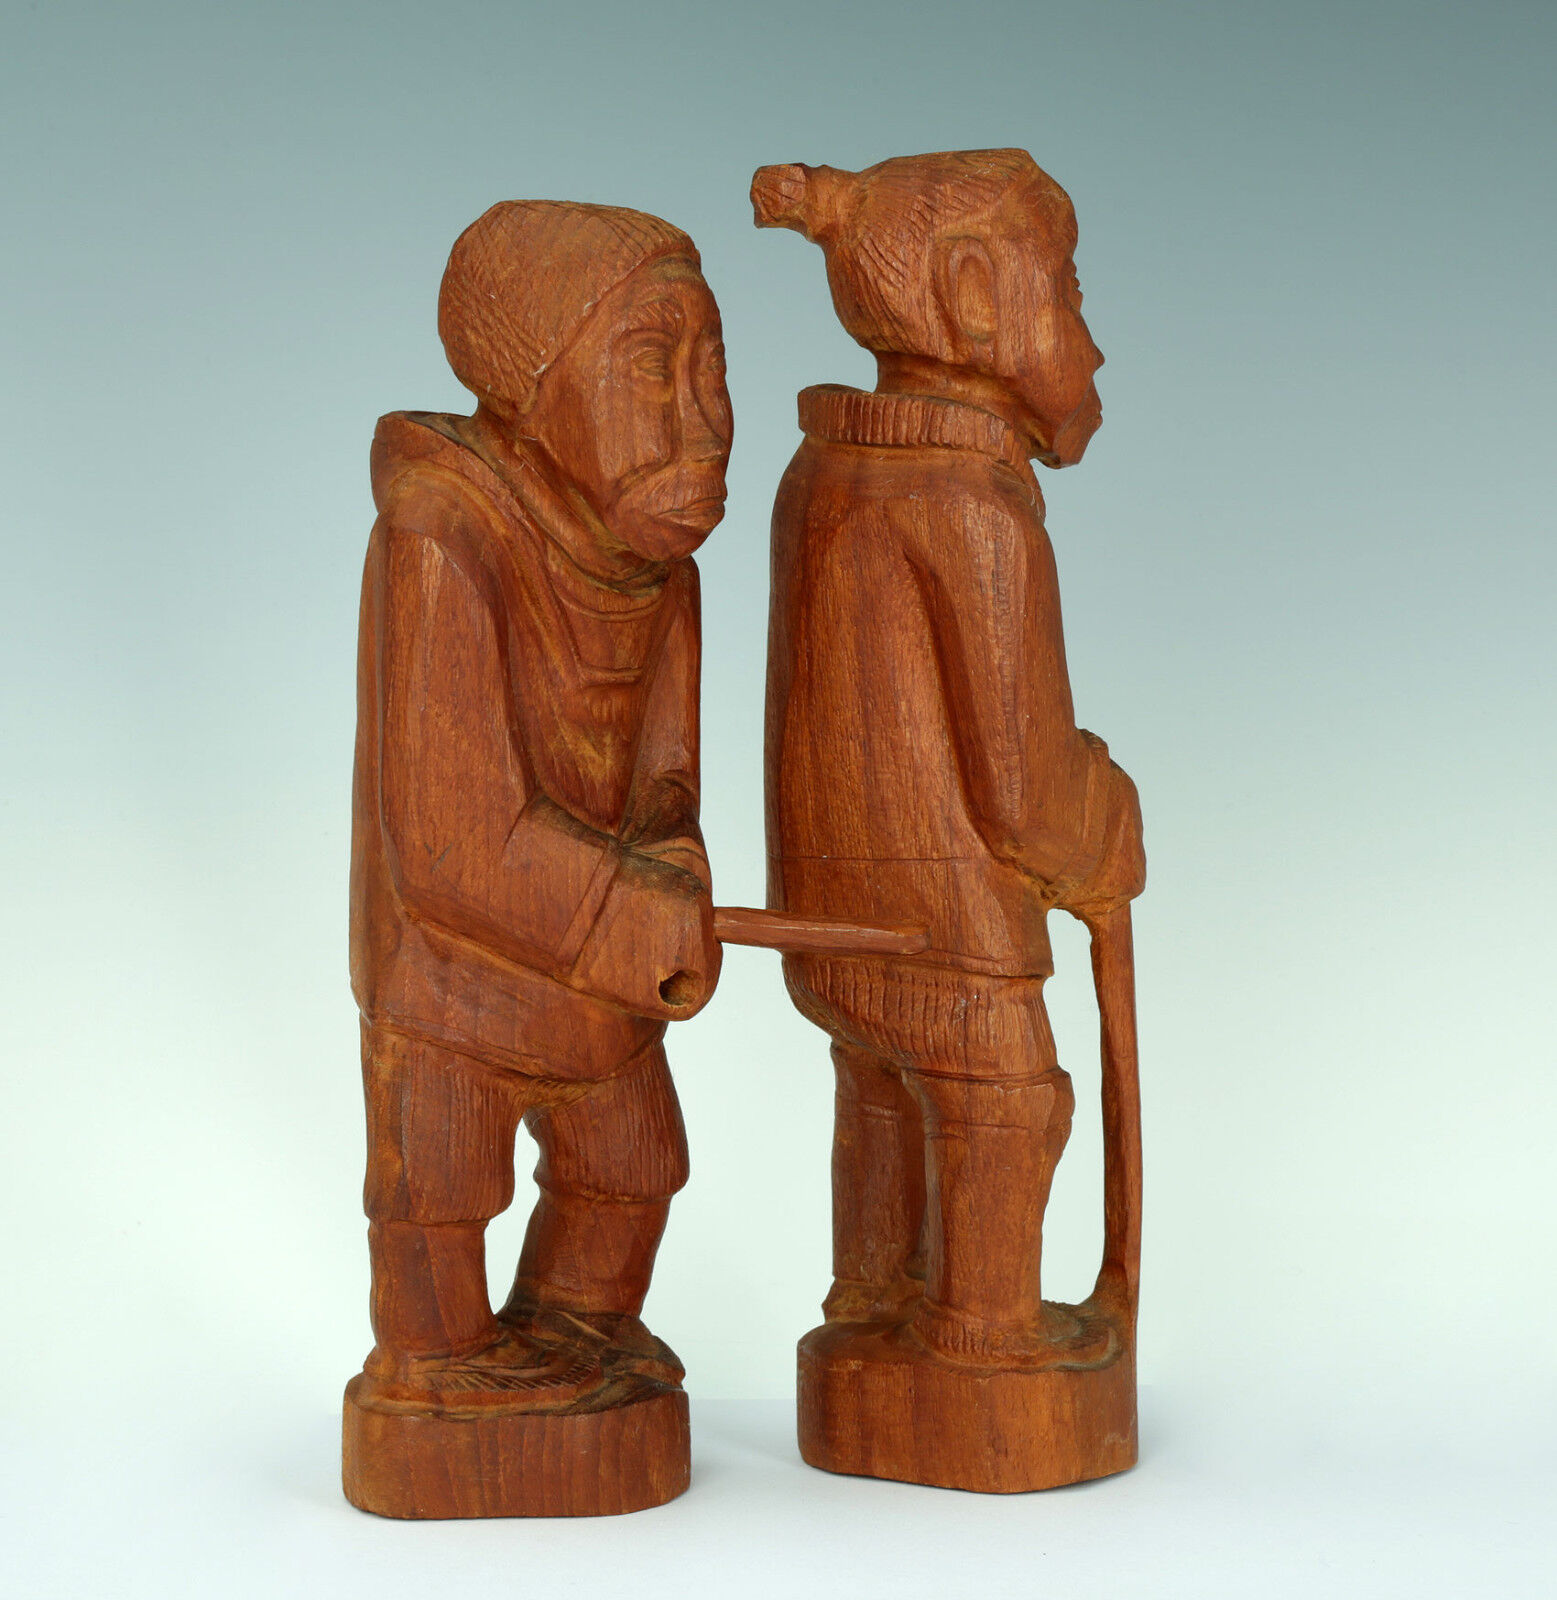 Inuit Art Bois Sculpture Signé Paire Midcentury bois Sculpture Greenland